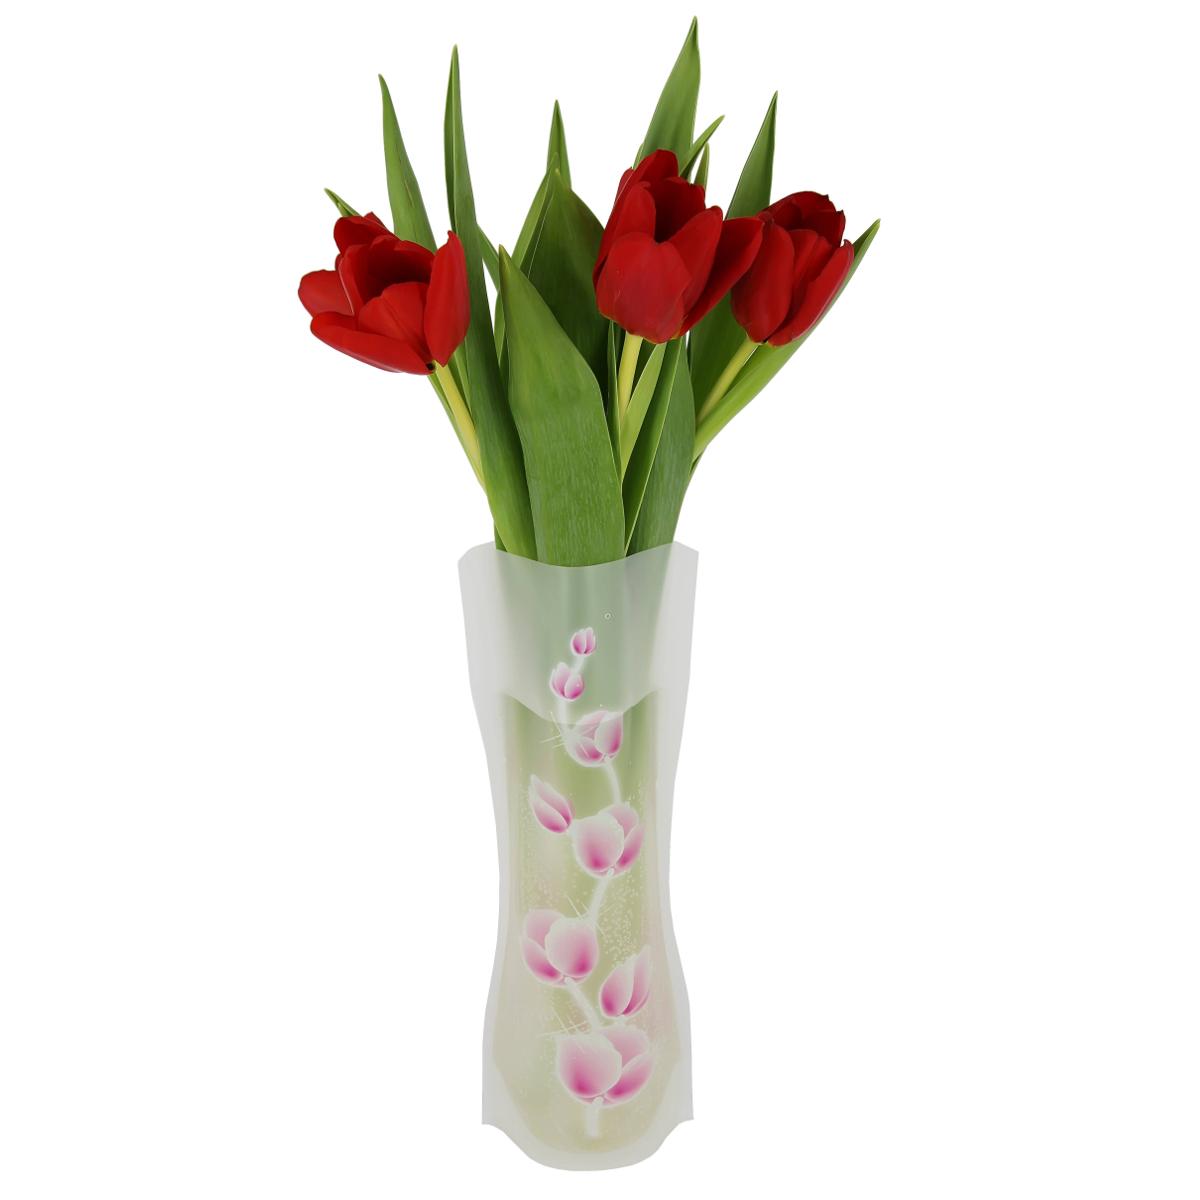 Ваза МастерПроф Розовые пионы, пластичная, 1 лHS.040030Пластичная ваза Розовые пионы легко складывается, удобно хранится - занимает мало места, долго служит. Всегда пригодится дома, в офисе, на даче, для оформления различных меропритятий. Отлично подойдет для перевозки цветов, или просто в подарок. Инструкция: 1. Наполните вазу теплой водой; 2. Дно и стенки расправятся; 3. Вылейте воду; 4. Наполните вазу холодной водой; 5. Вставьте цветы. Меры предосторожности: Хранить вдали от источников тепла и яркого солнечного света. С осторожностью применять для растений с длинными стеблями и с крупными соцветиями, что бы избежать опрокидывания вазы.